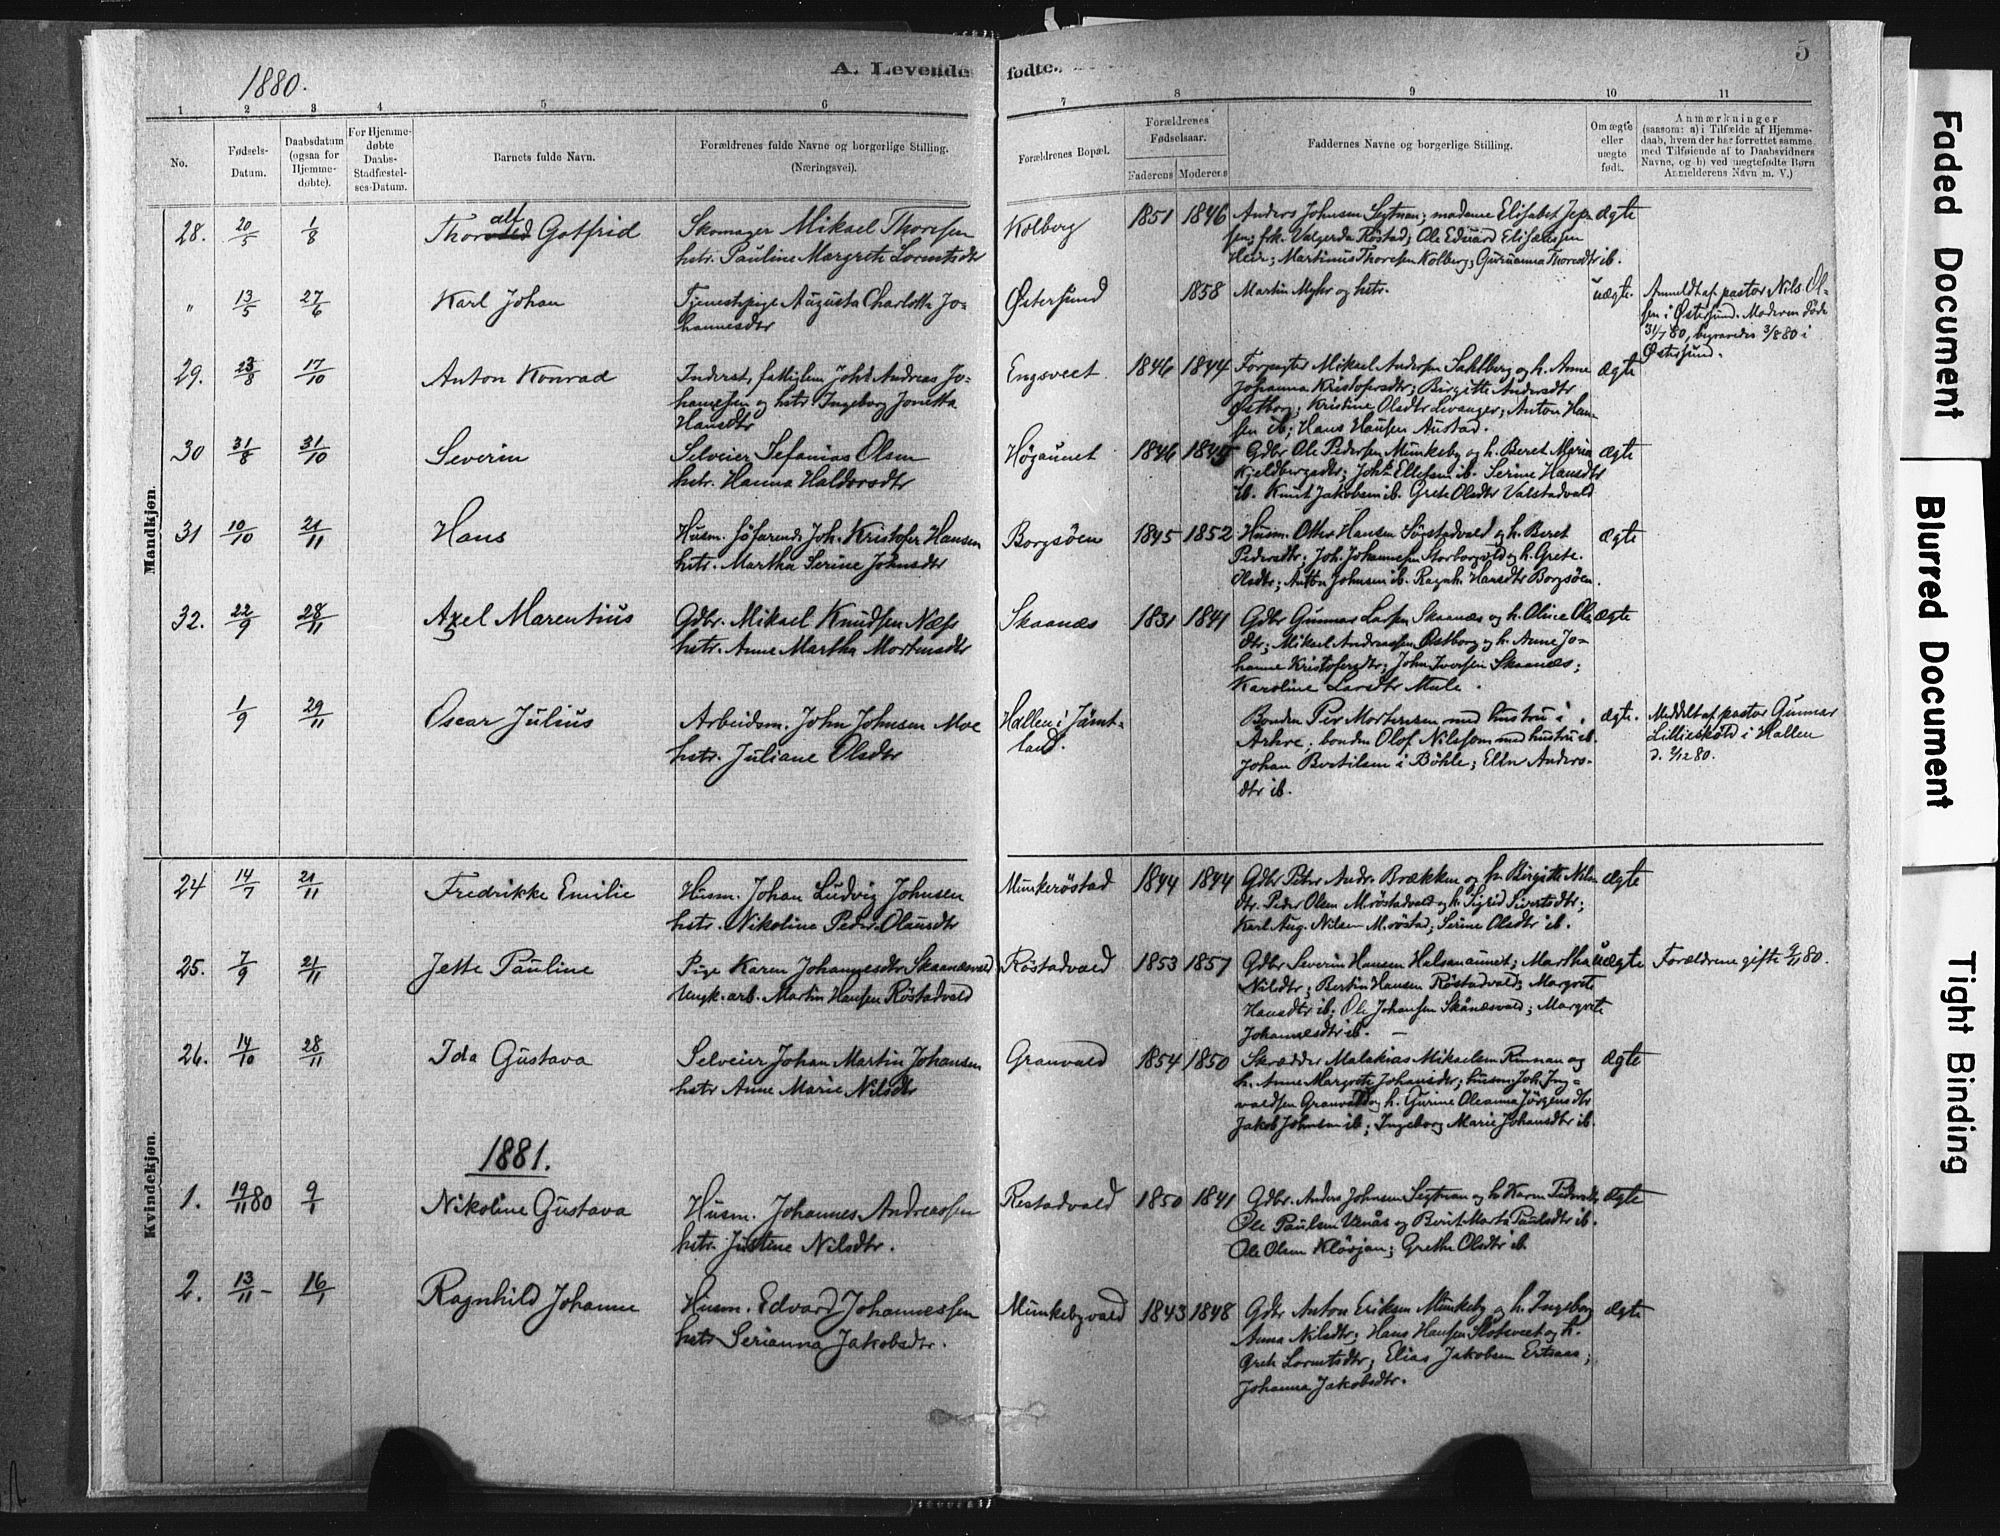 SAT, Ministerialprotokoller, klokkerbøker og fødselsregistre - Nord-Trøndelag, 721/L0207: Ministerialbok nr. 721A02, 1880-1911, s. 5